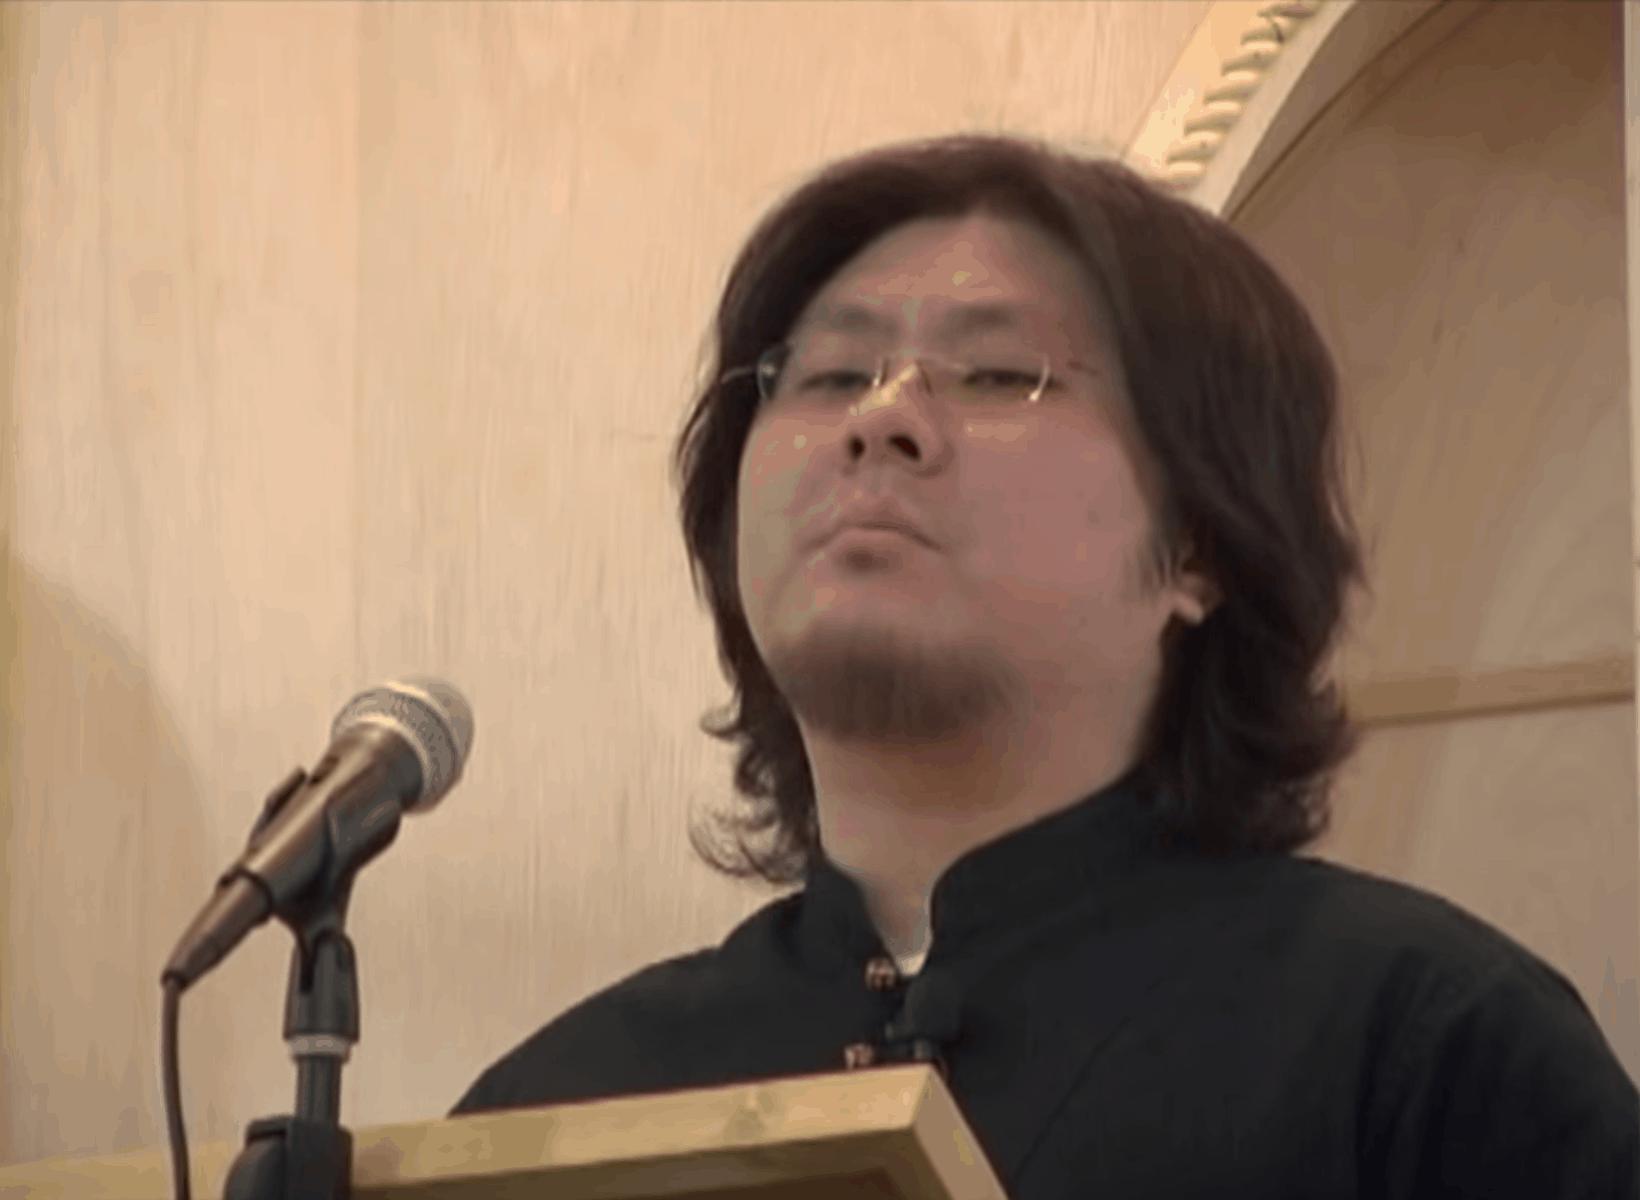 Abdul Rahman Chao – Self-Esteem & Confidence